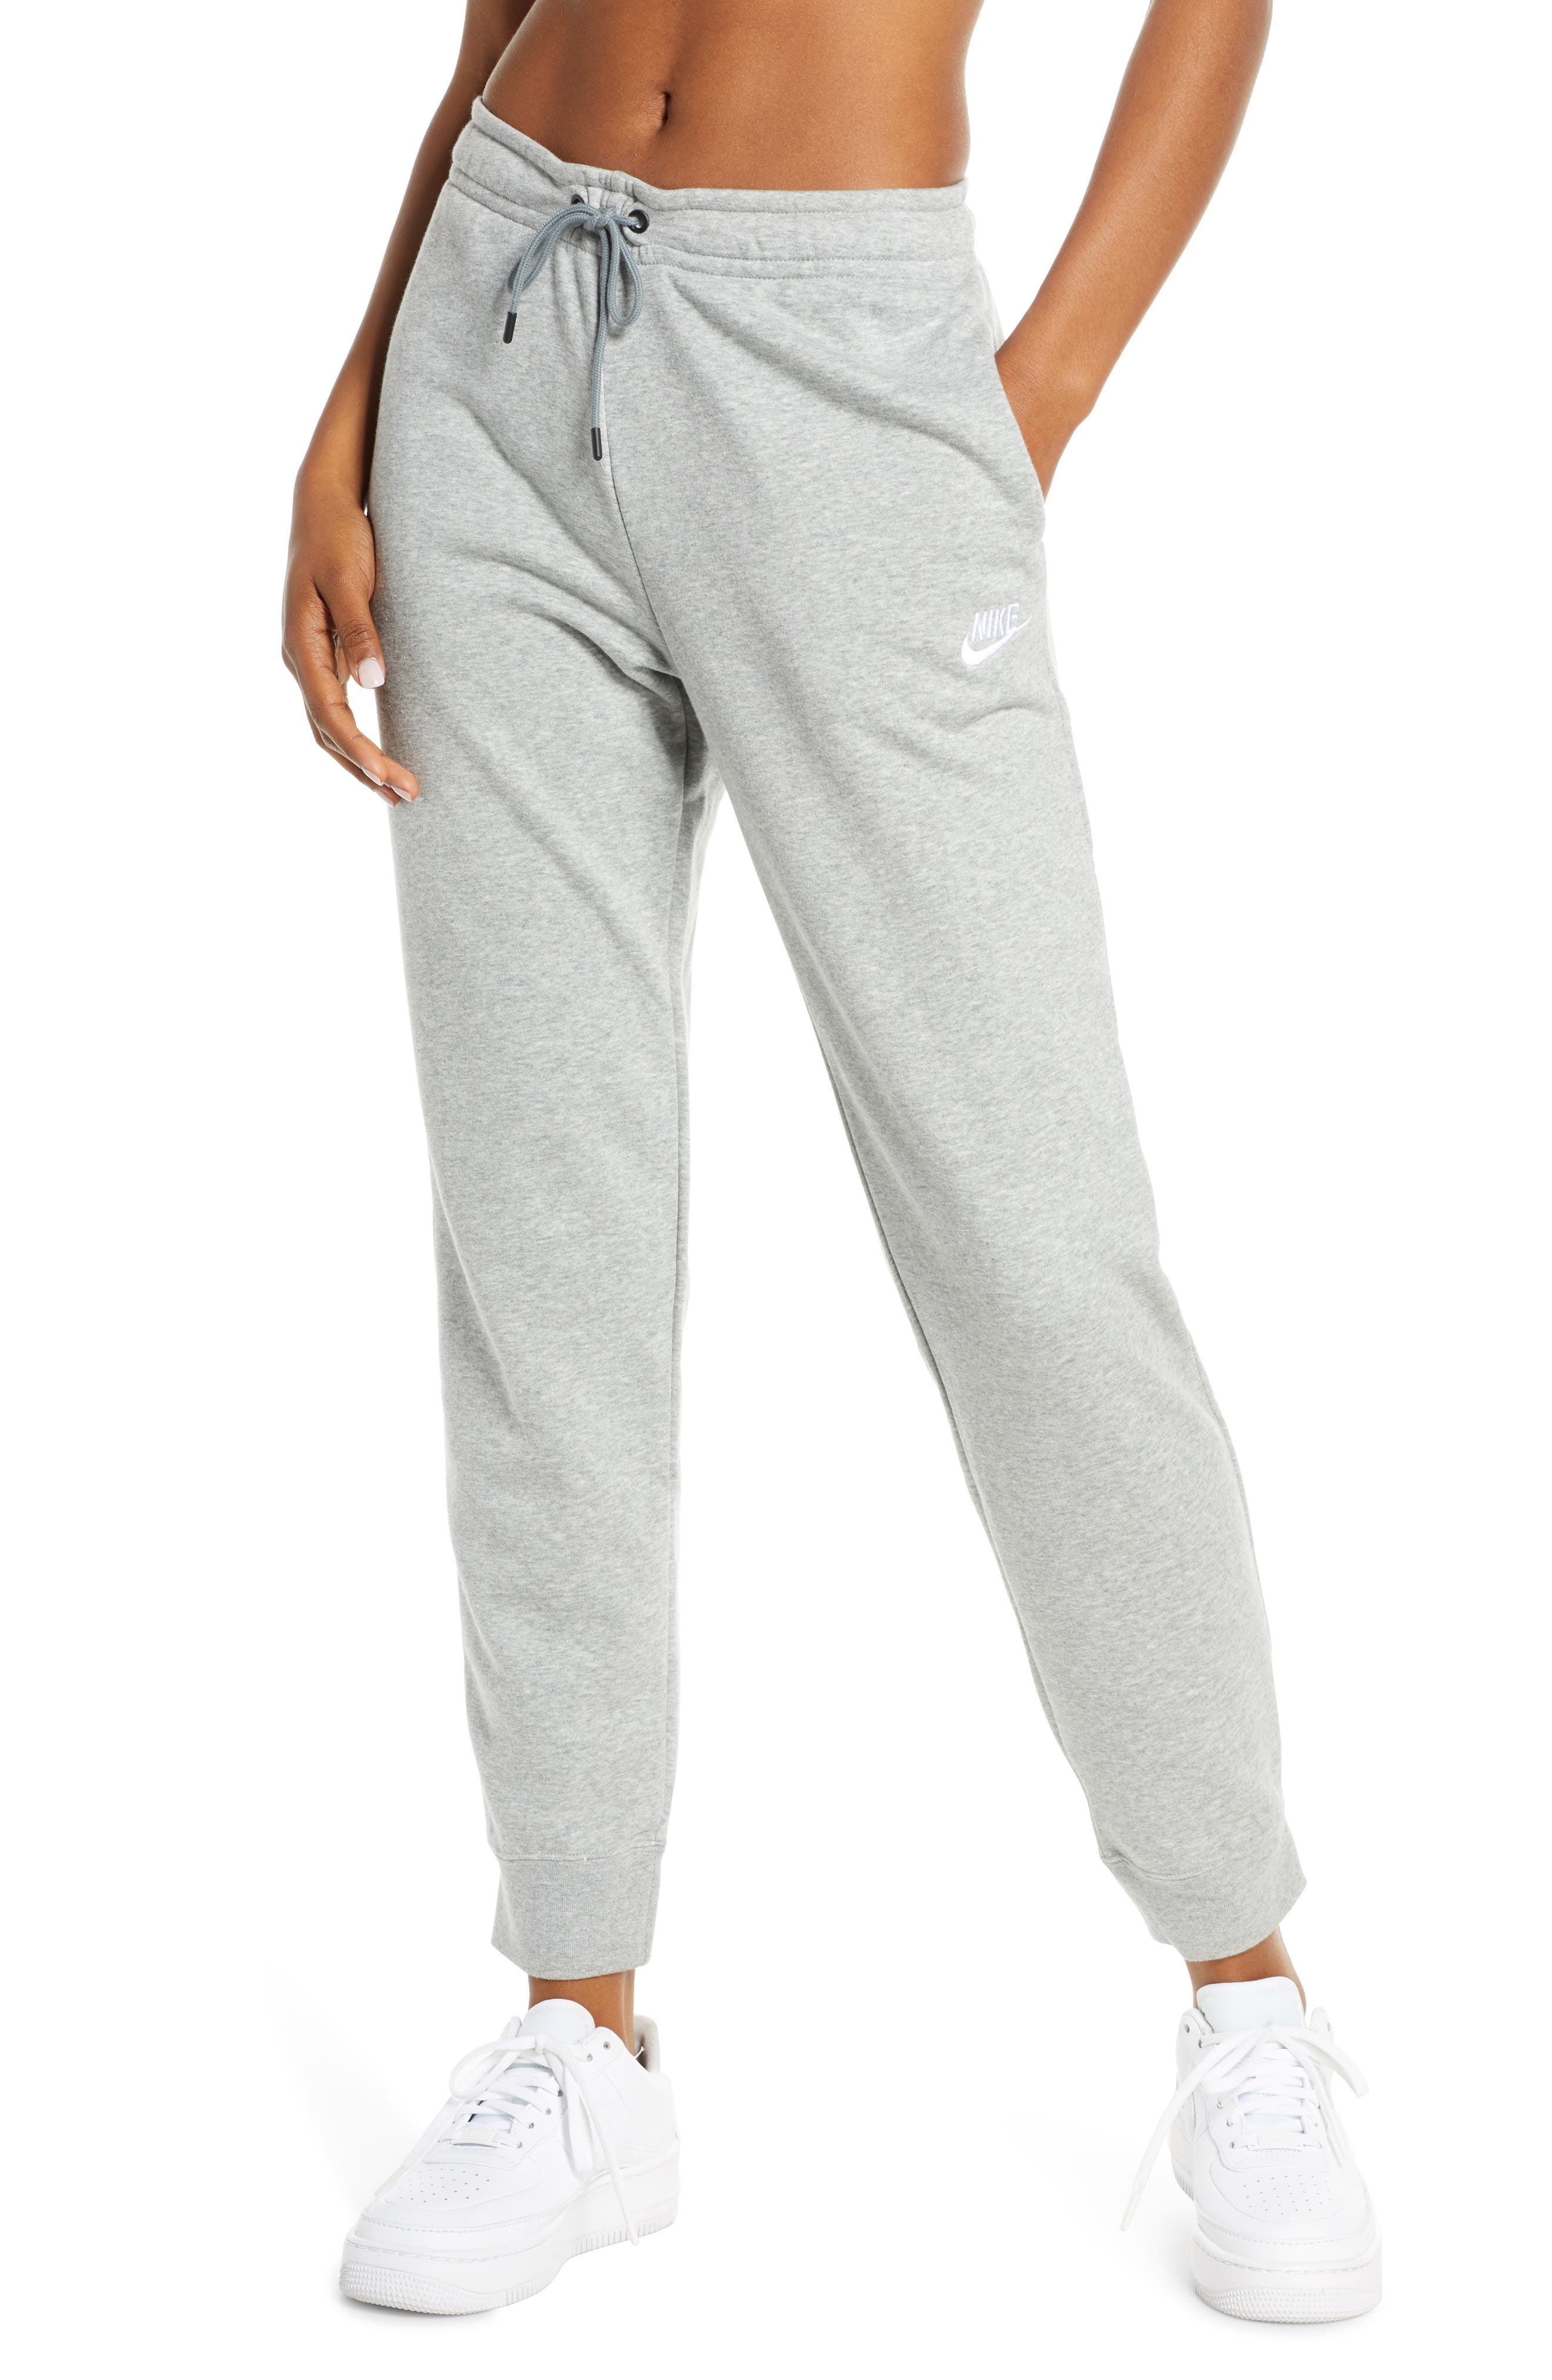 Women's Nike Pants & Leggings | Nordstrom